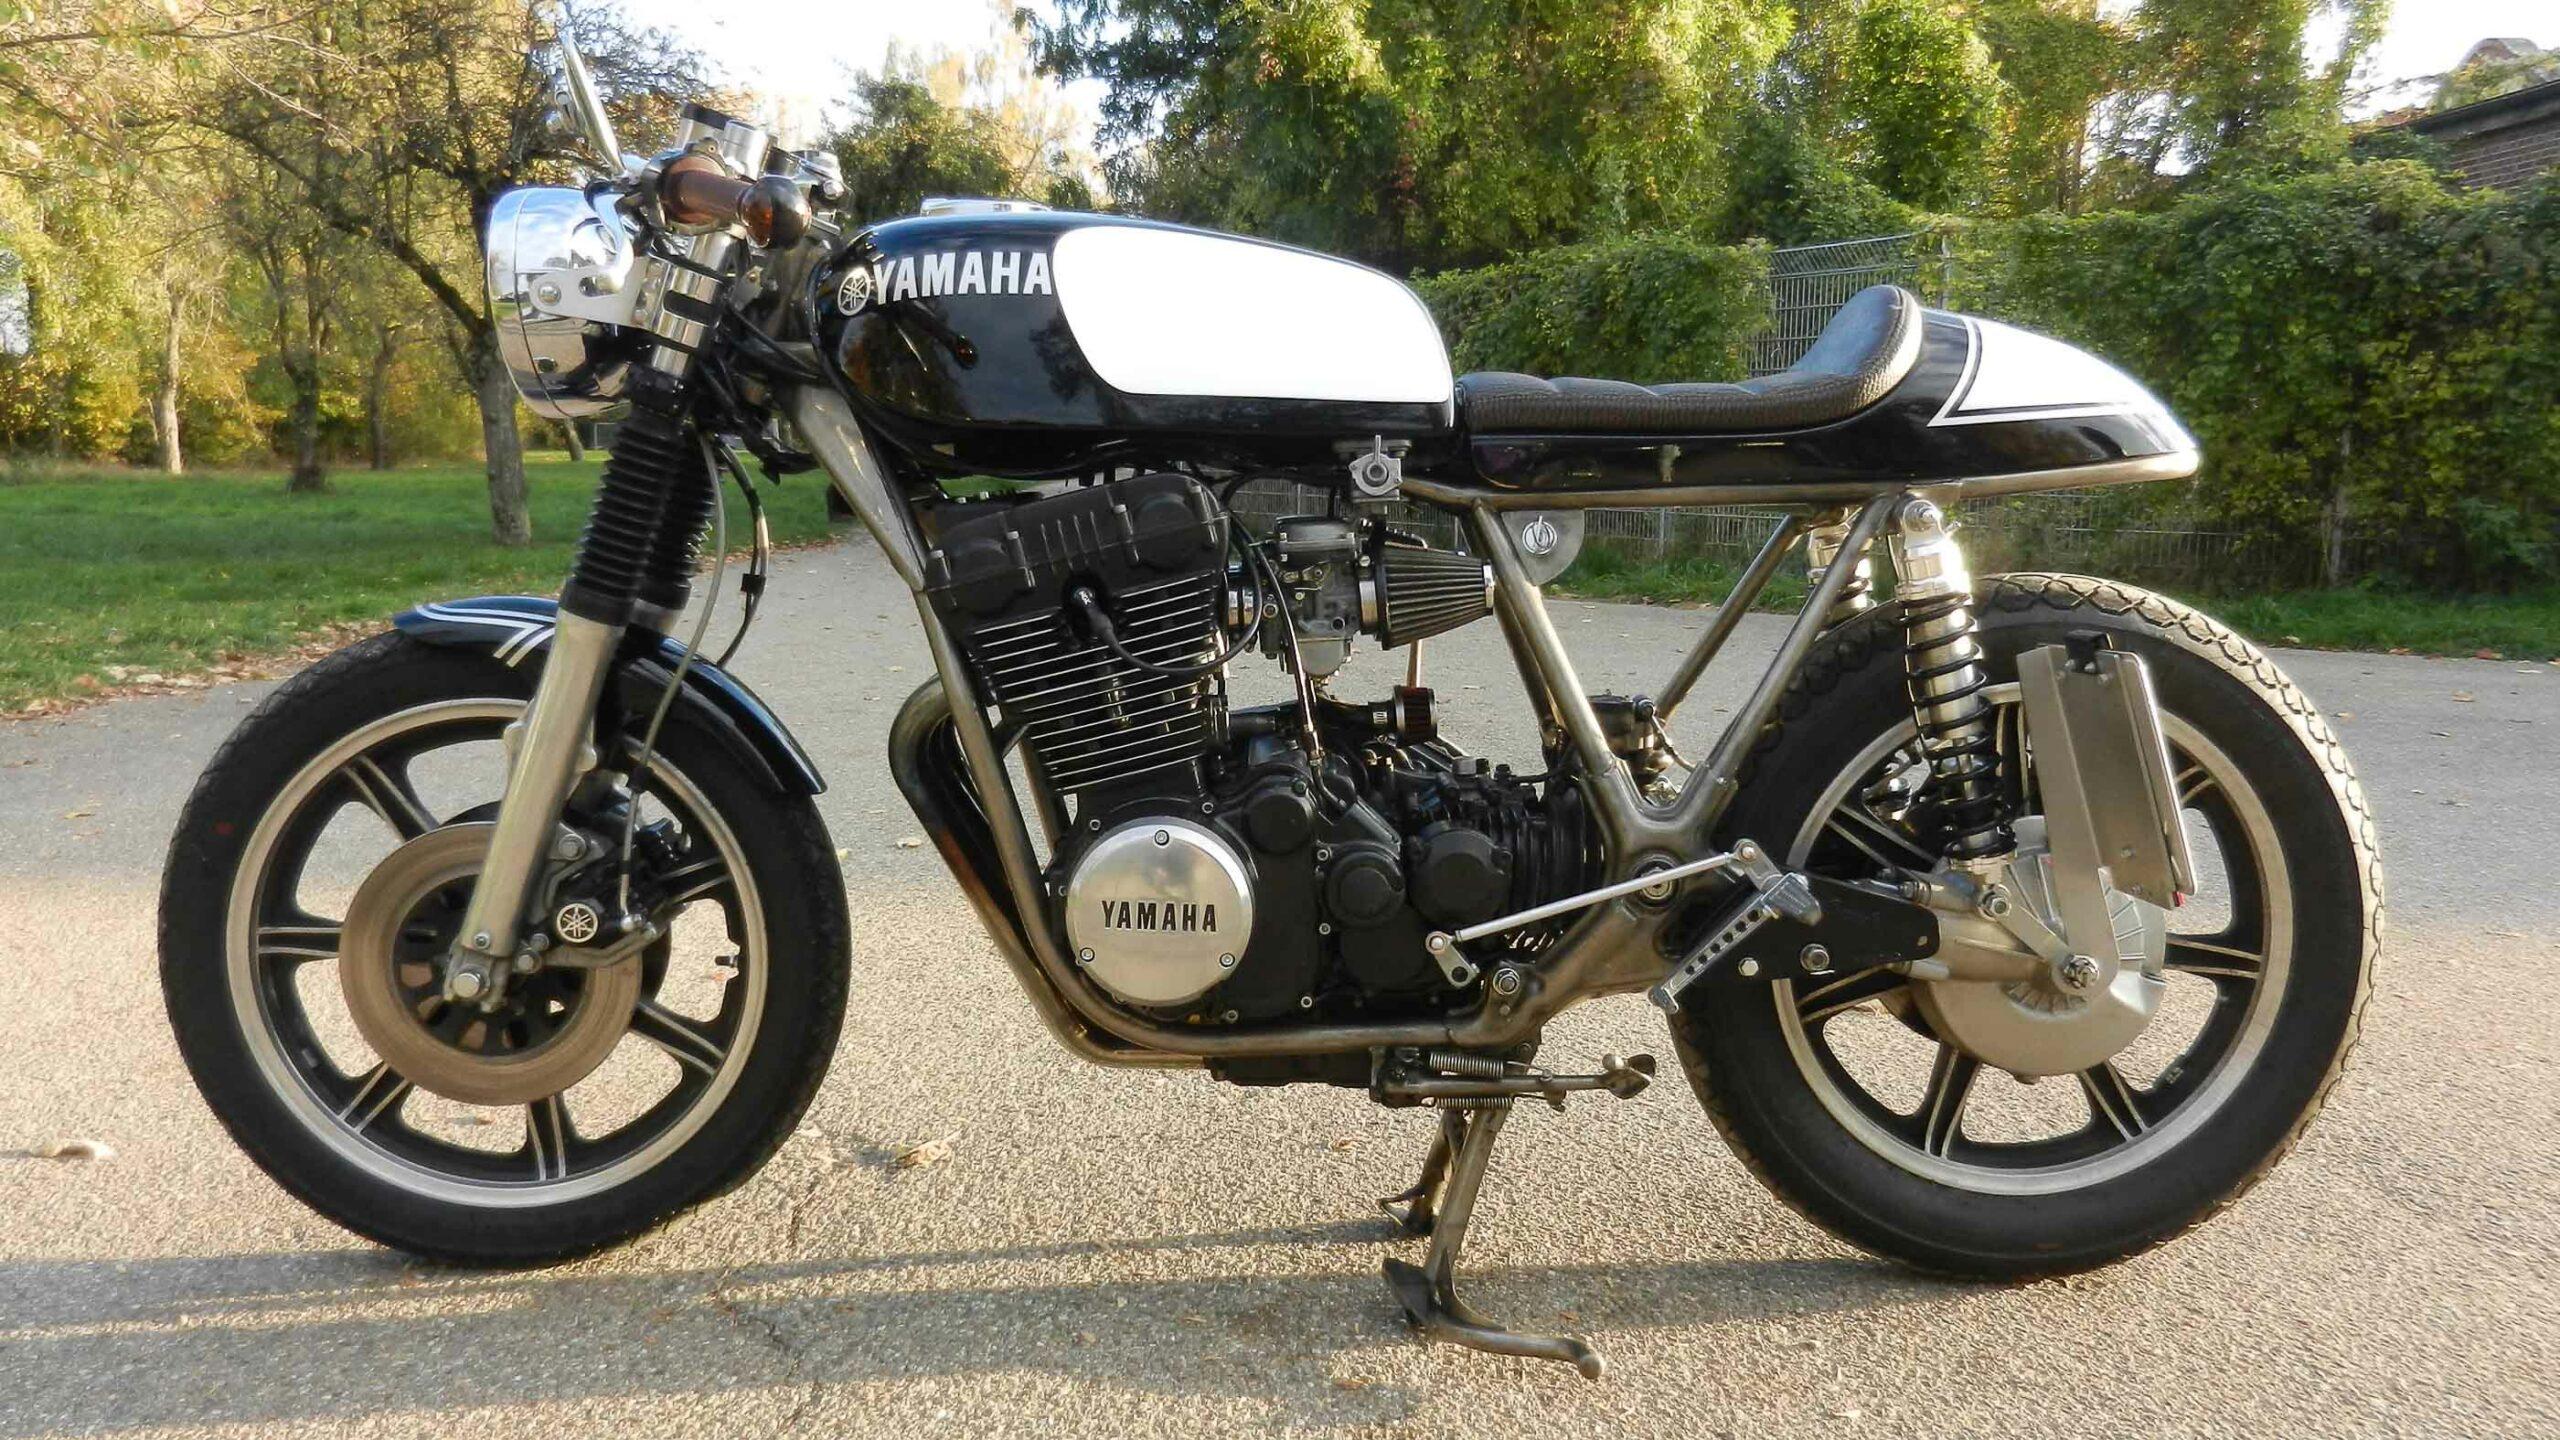 Yamaha XS 750 Cafe Racer